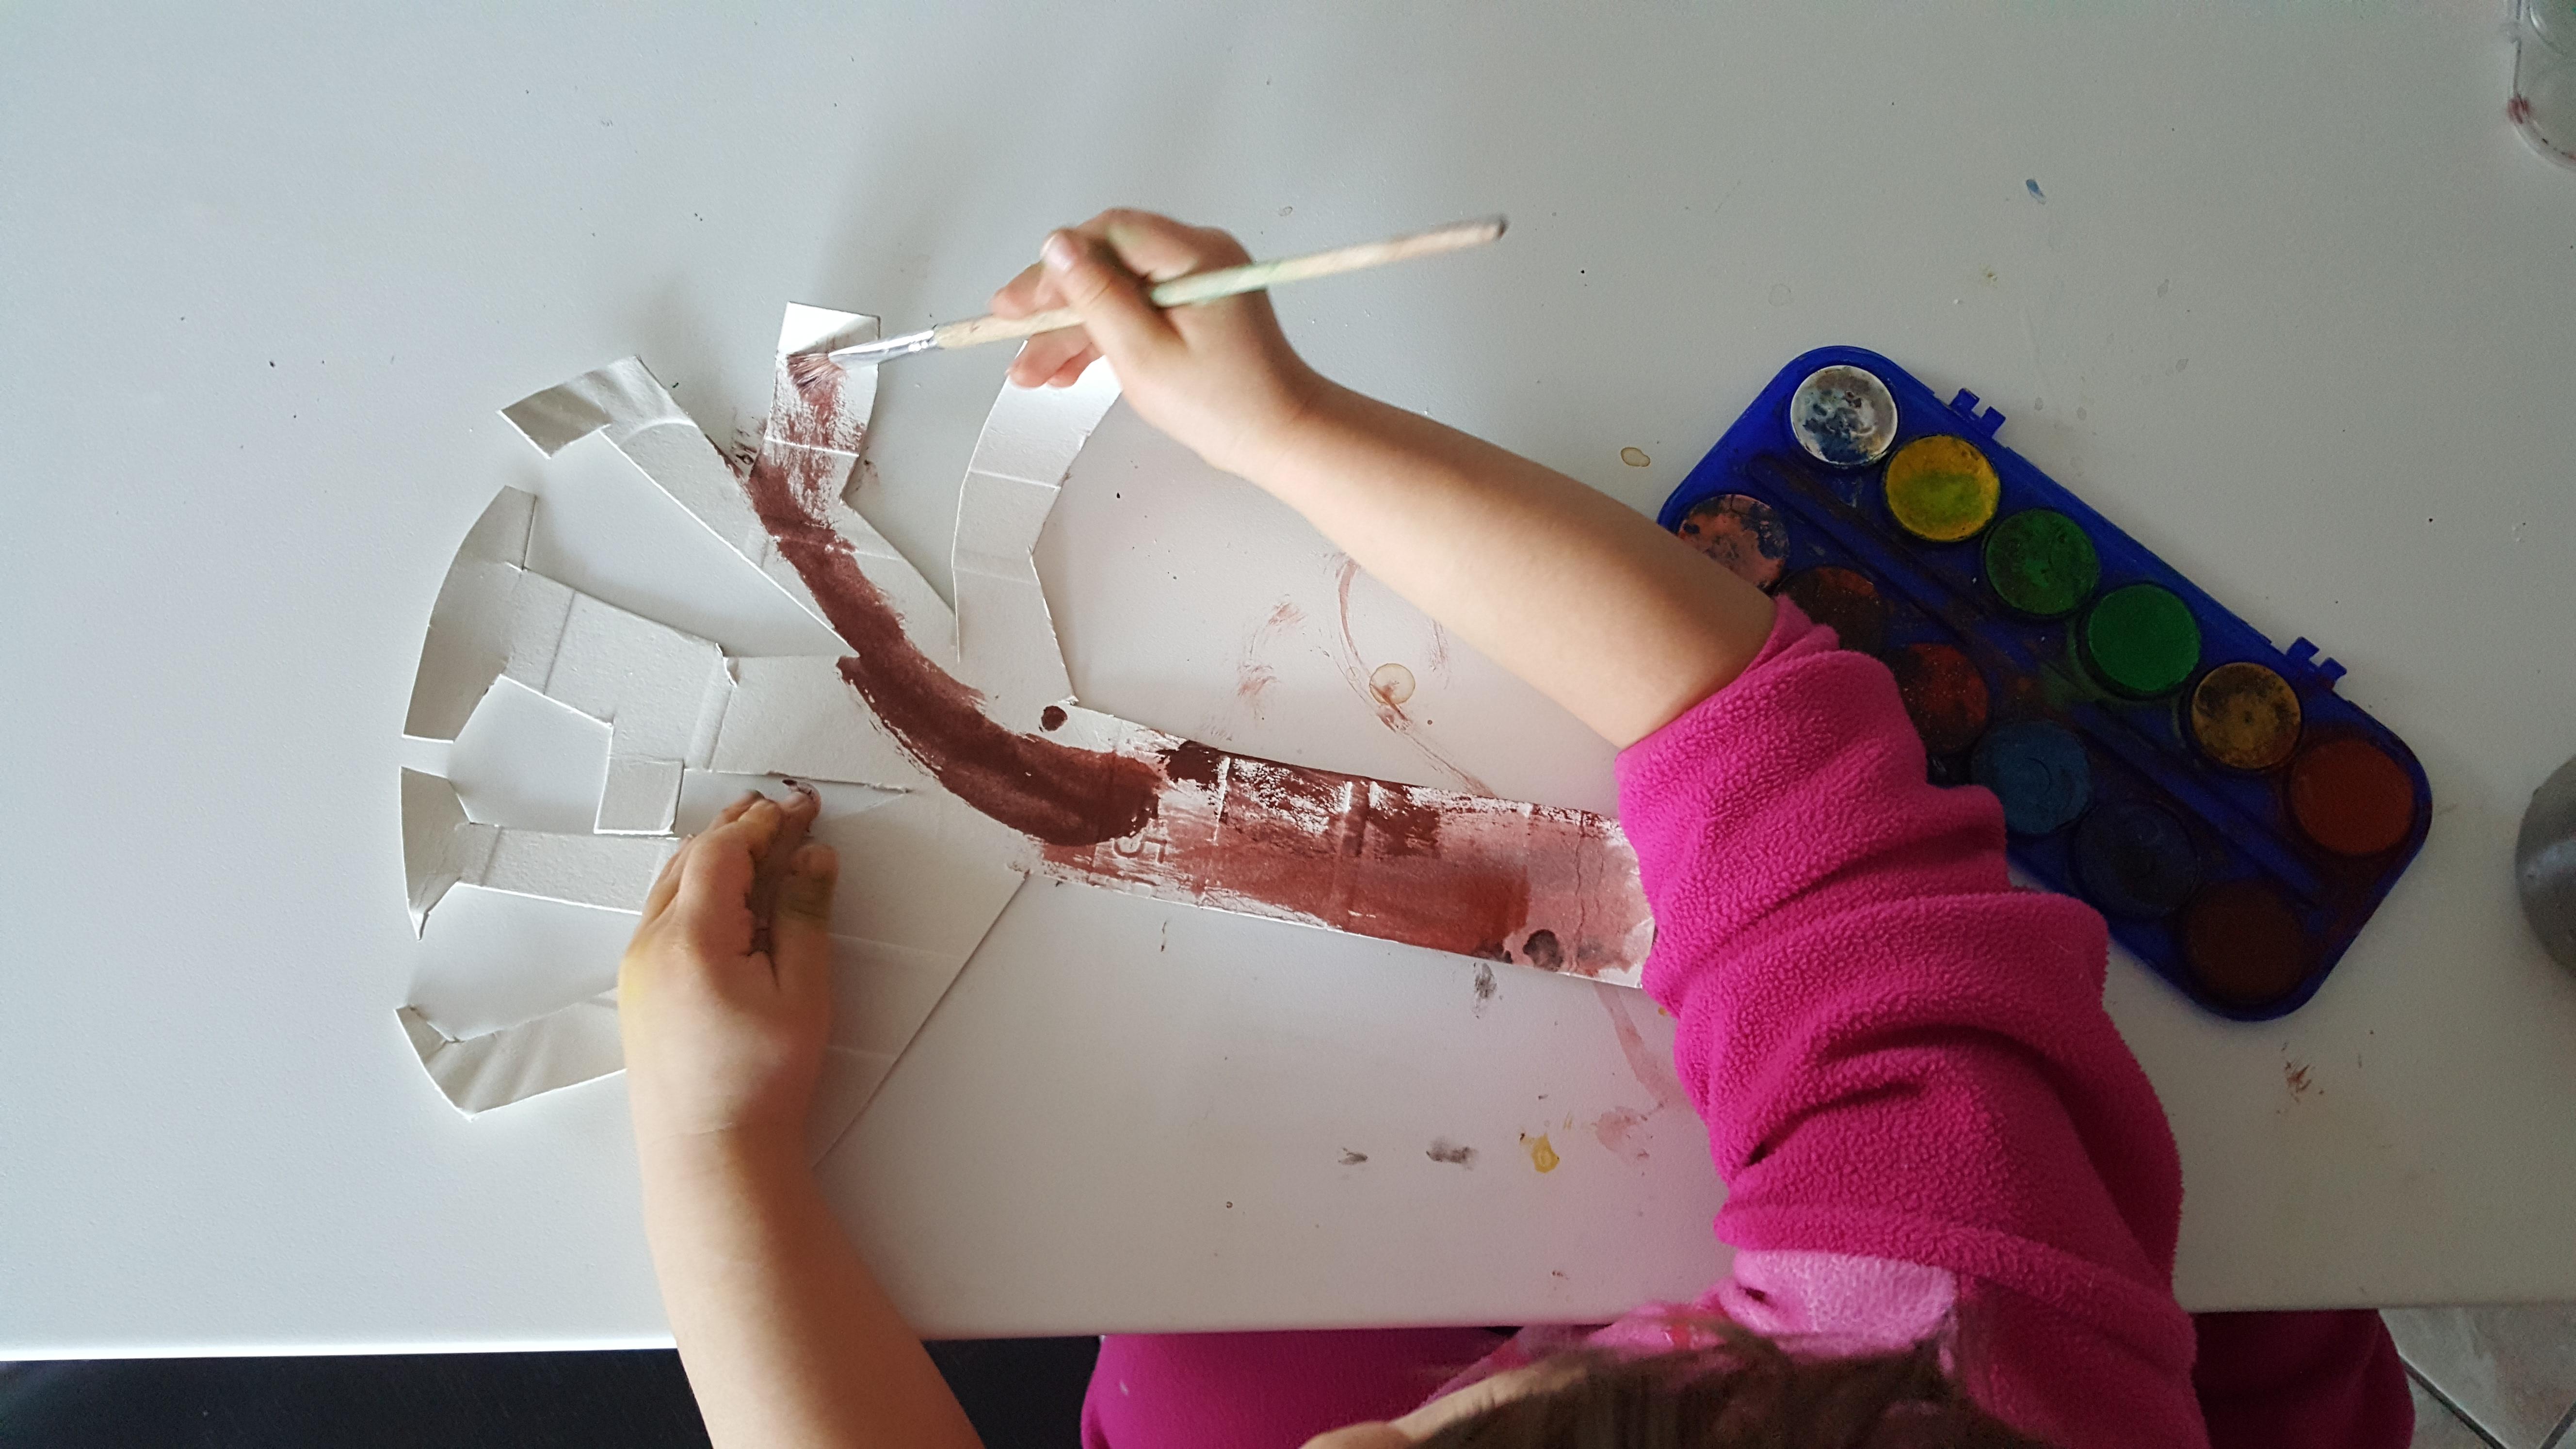 Rotoli Di Carta Colorata : Albero con rotoli di carta bimbi creativi